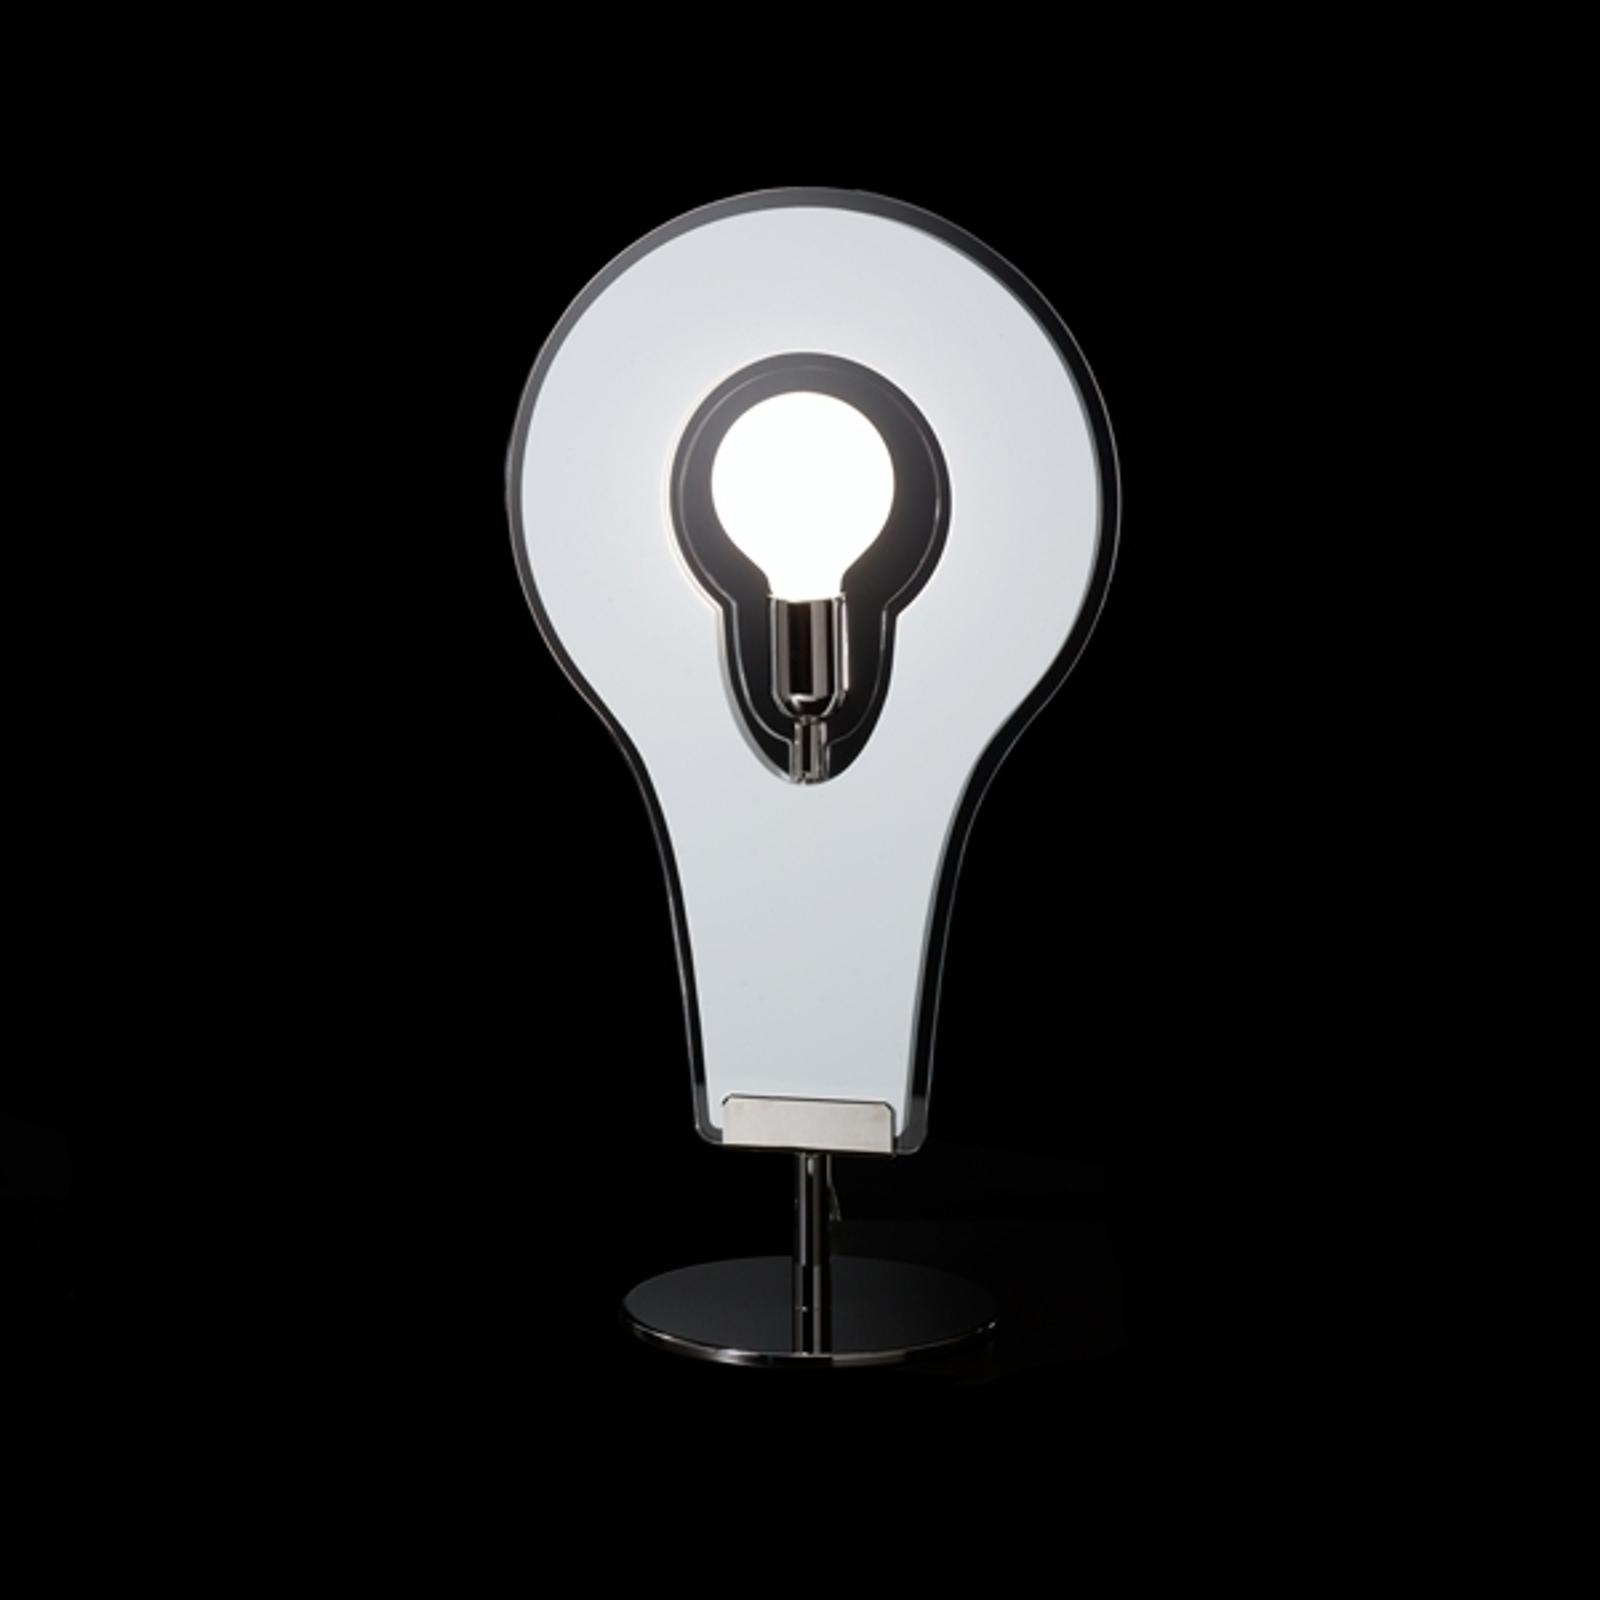 Acquista Accattivante lampada da tavolo Flat 60